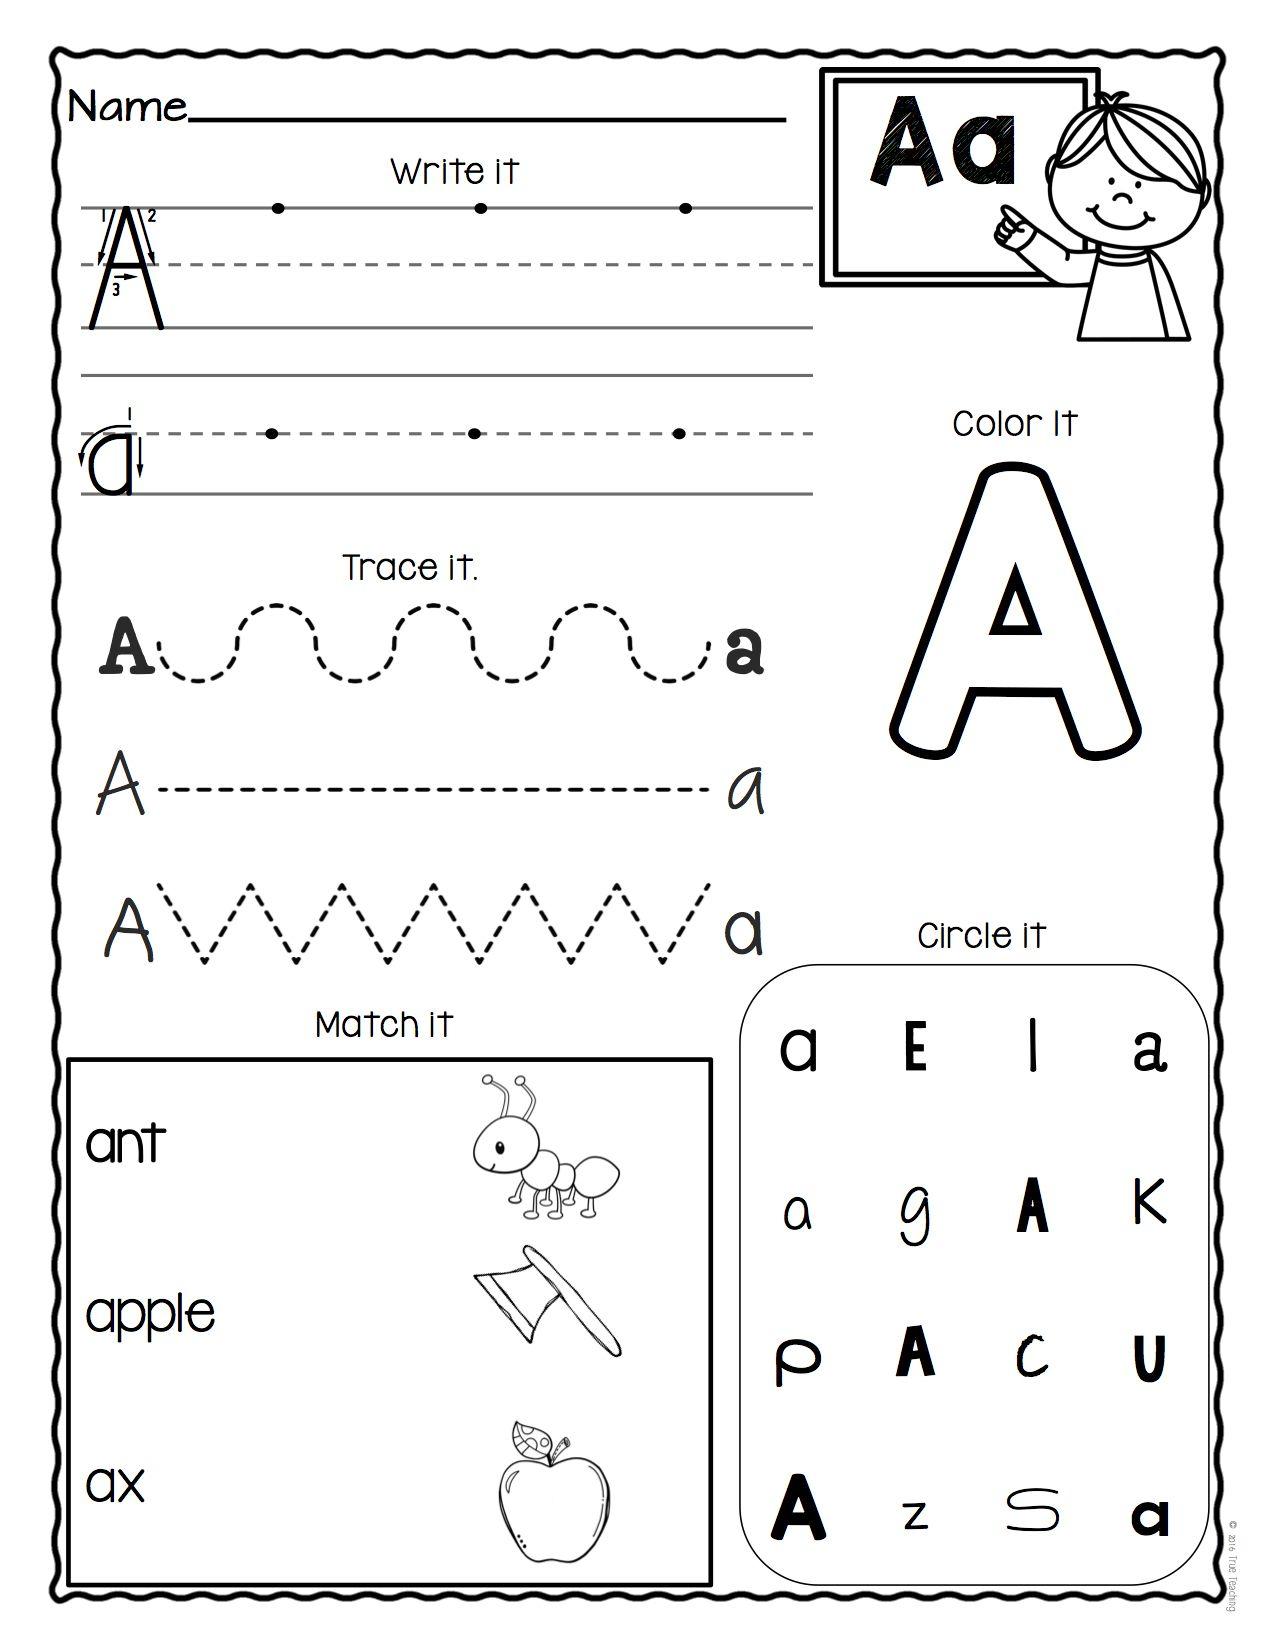 A-Z Letter Worksheets (Set 3) | Alphabet Worksheets for K Letter Worksheets